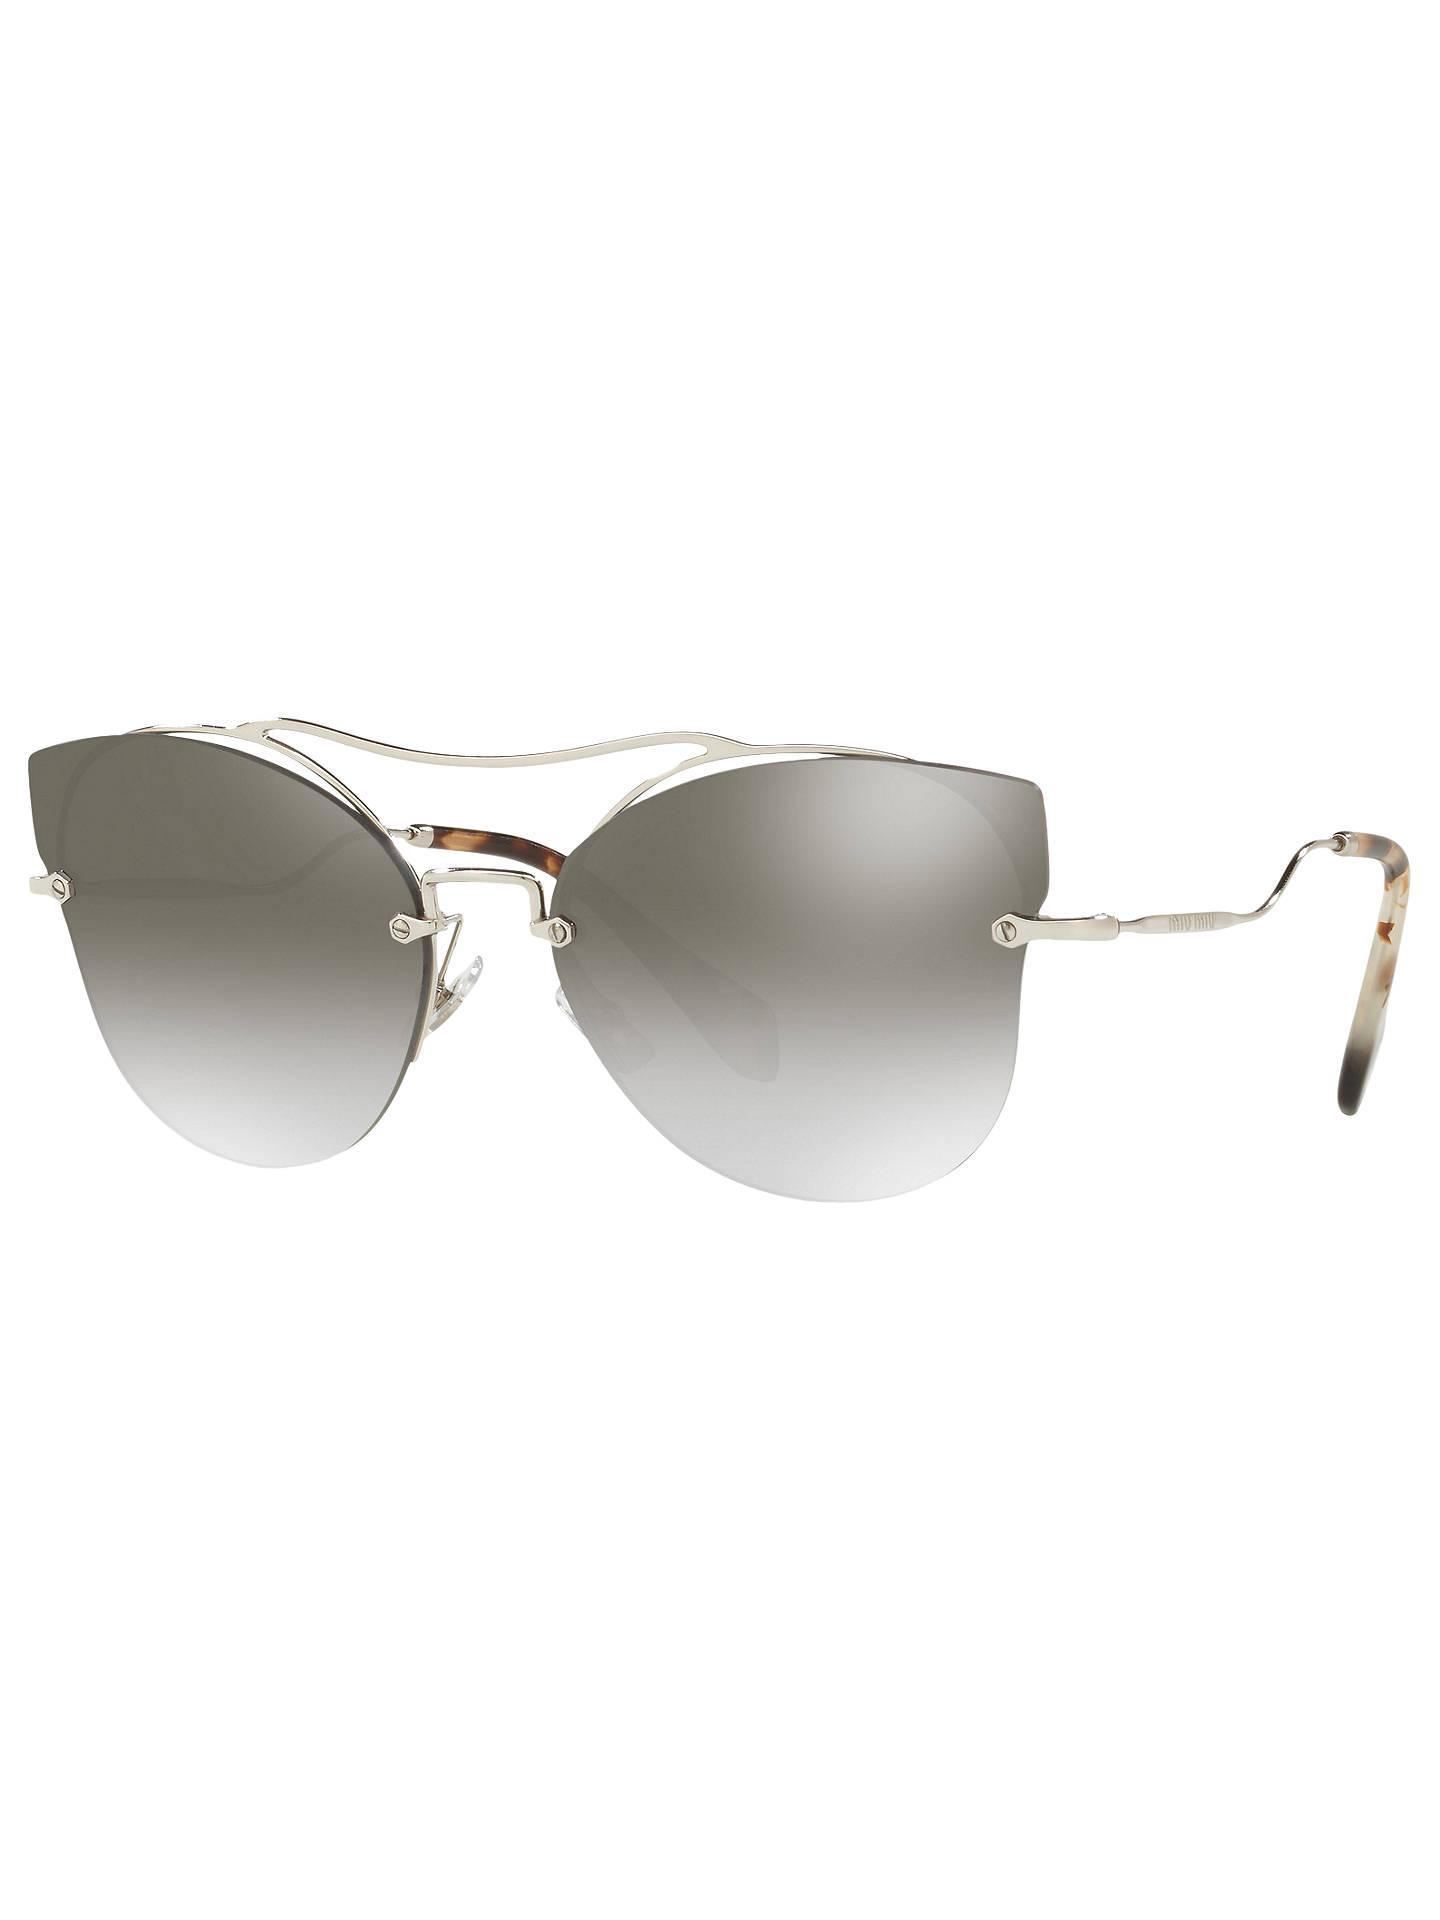 815fa80e00a3 BuyMiu Miu MU 52SS Cat s Eye Sunglasses